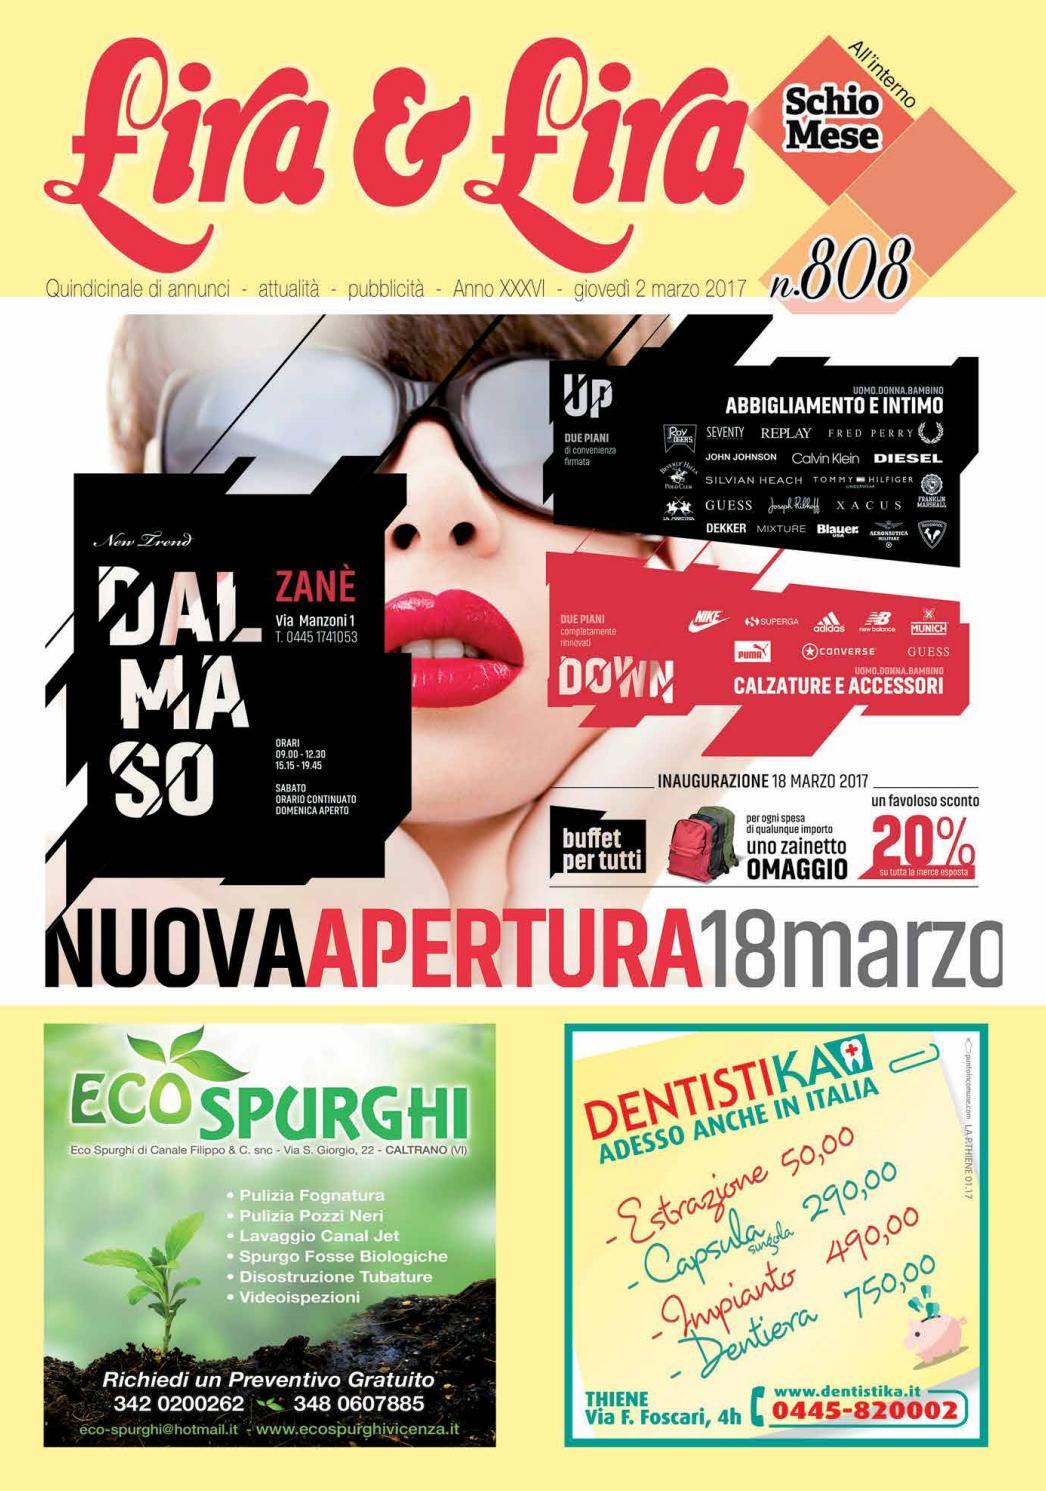 427961c5cccb Lira&Lira n. 808 by Pubblistudio Pubblicità srl - issuu